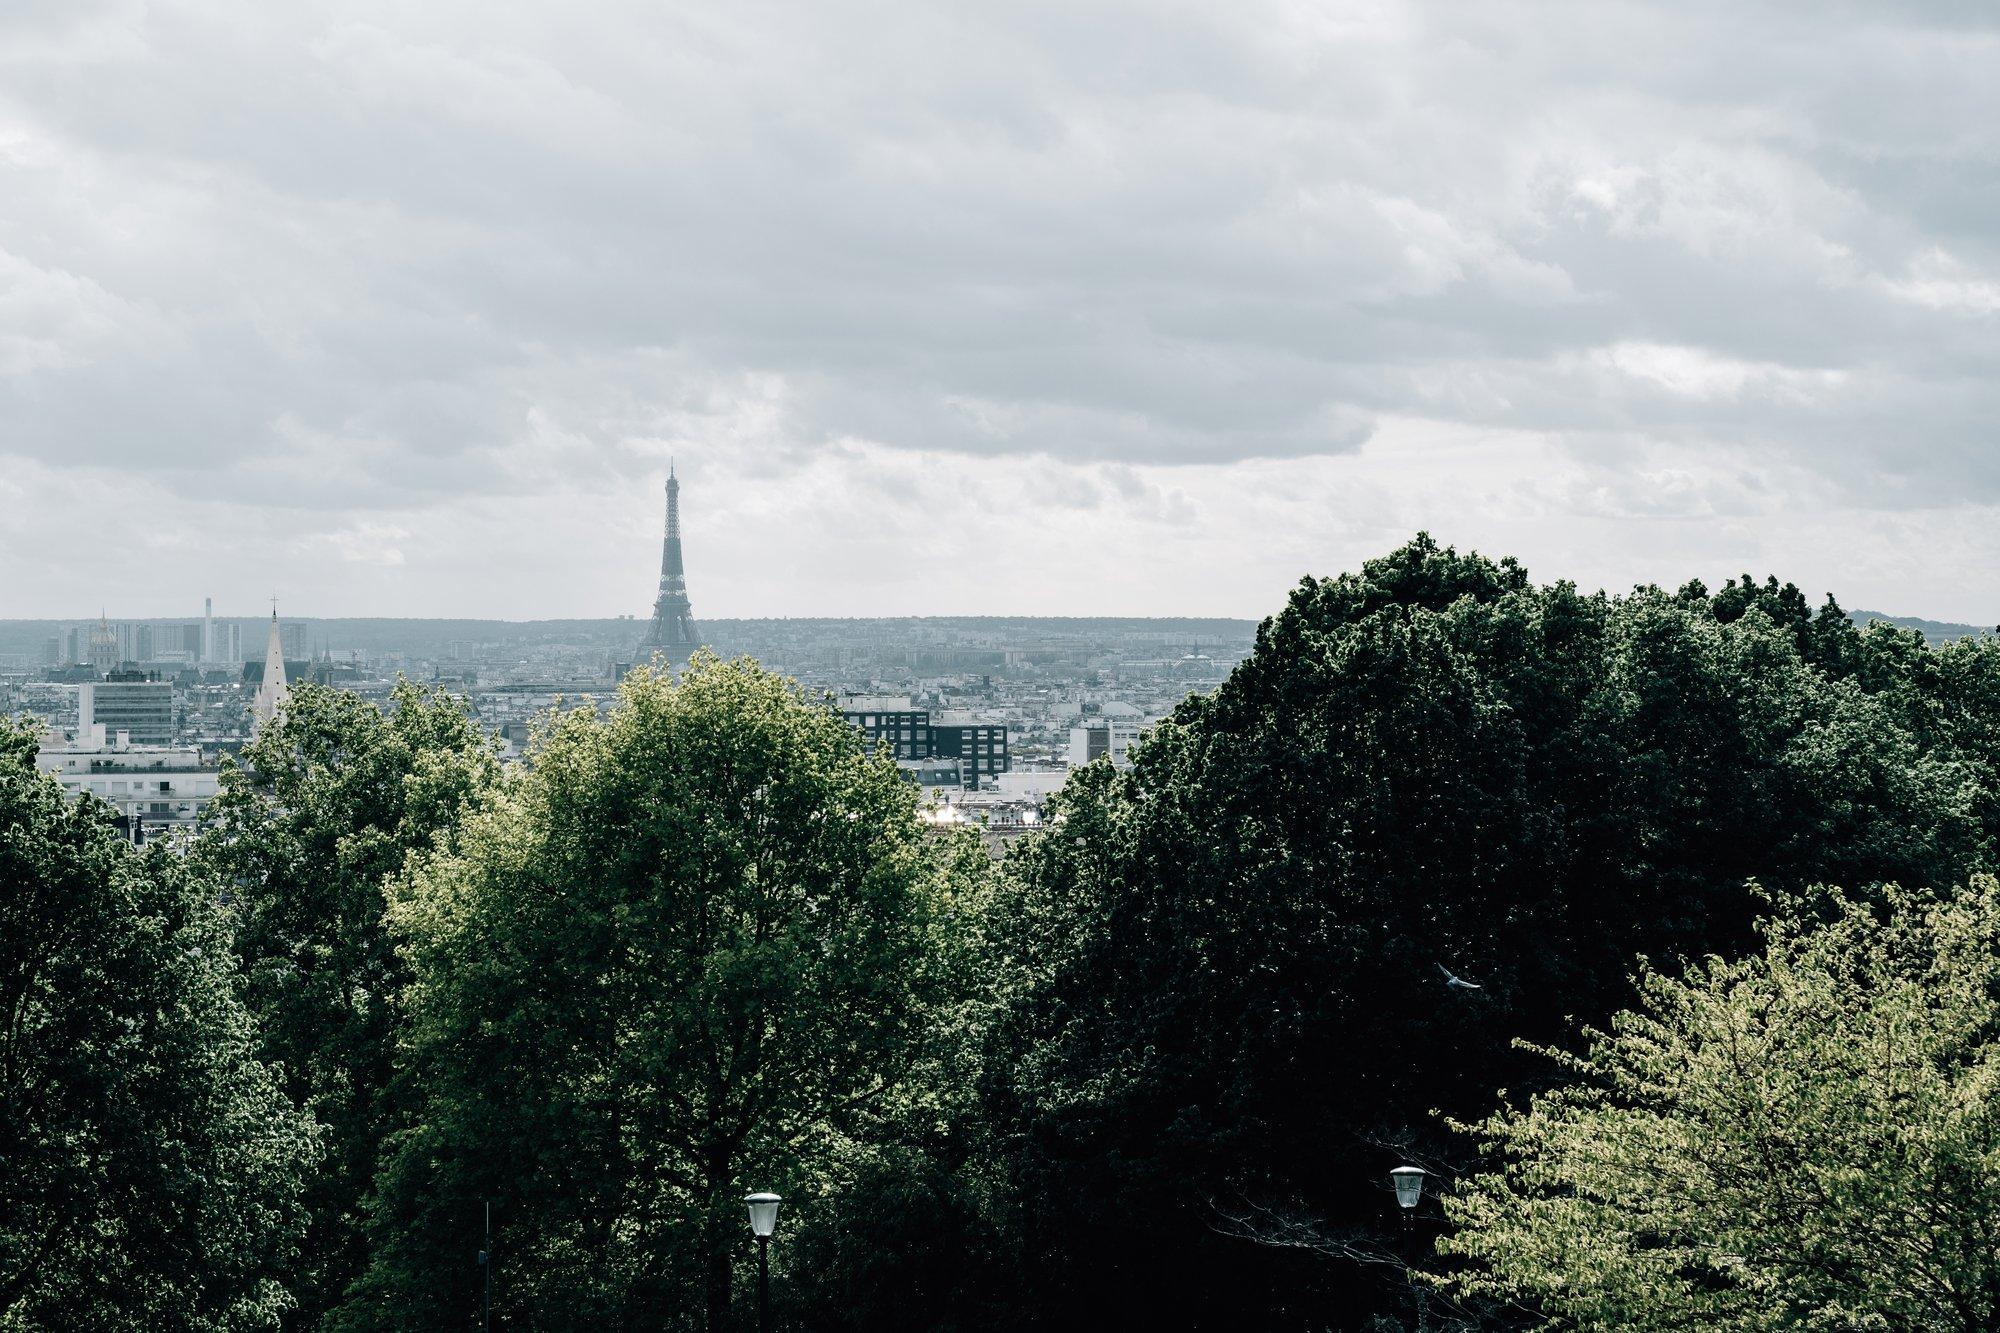 paris skyline with the eiffel tower on the horizon 巴黎地平线上有埃菲尔铁塔